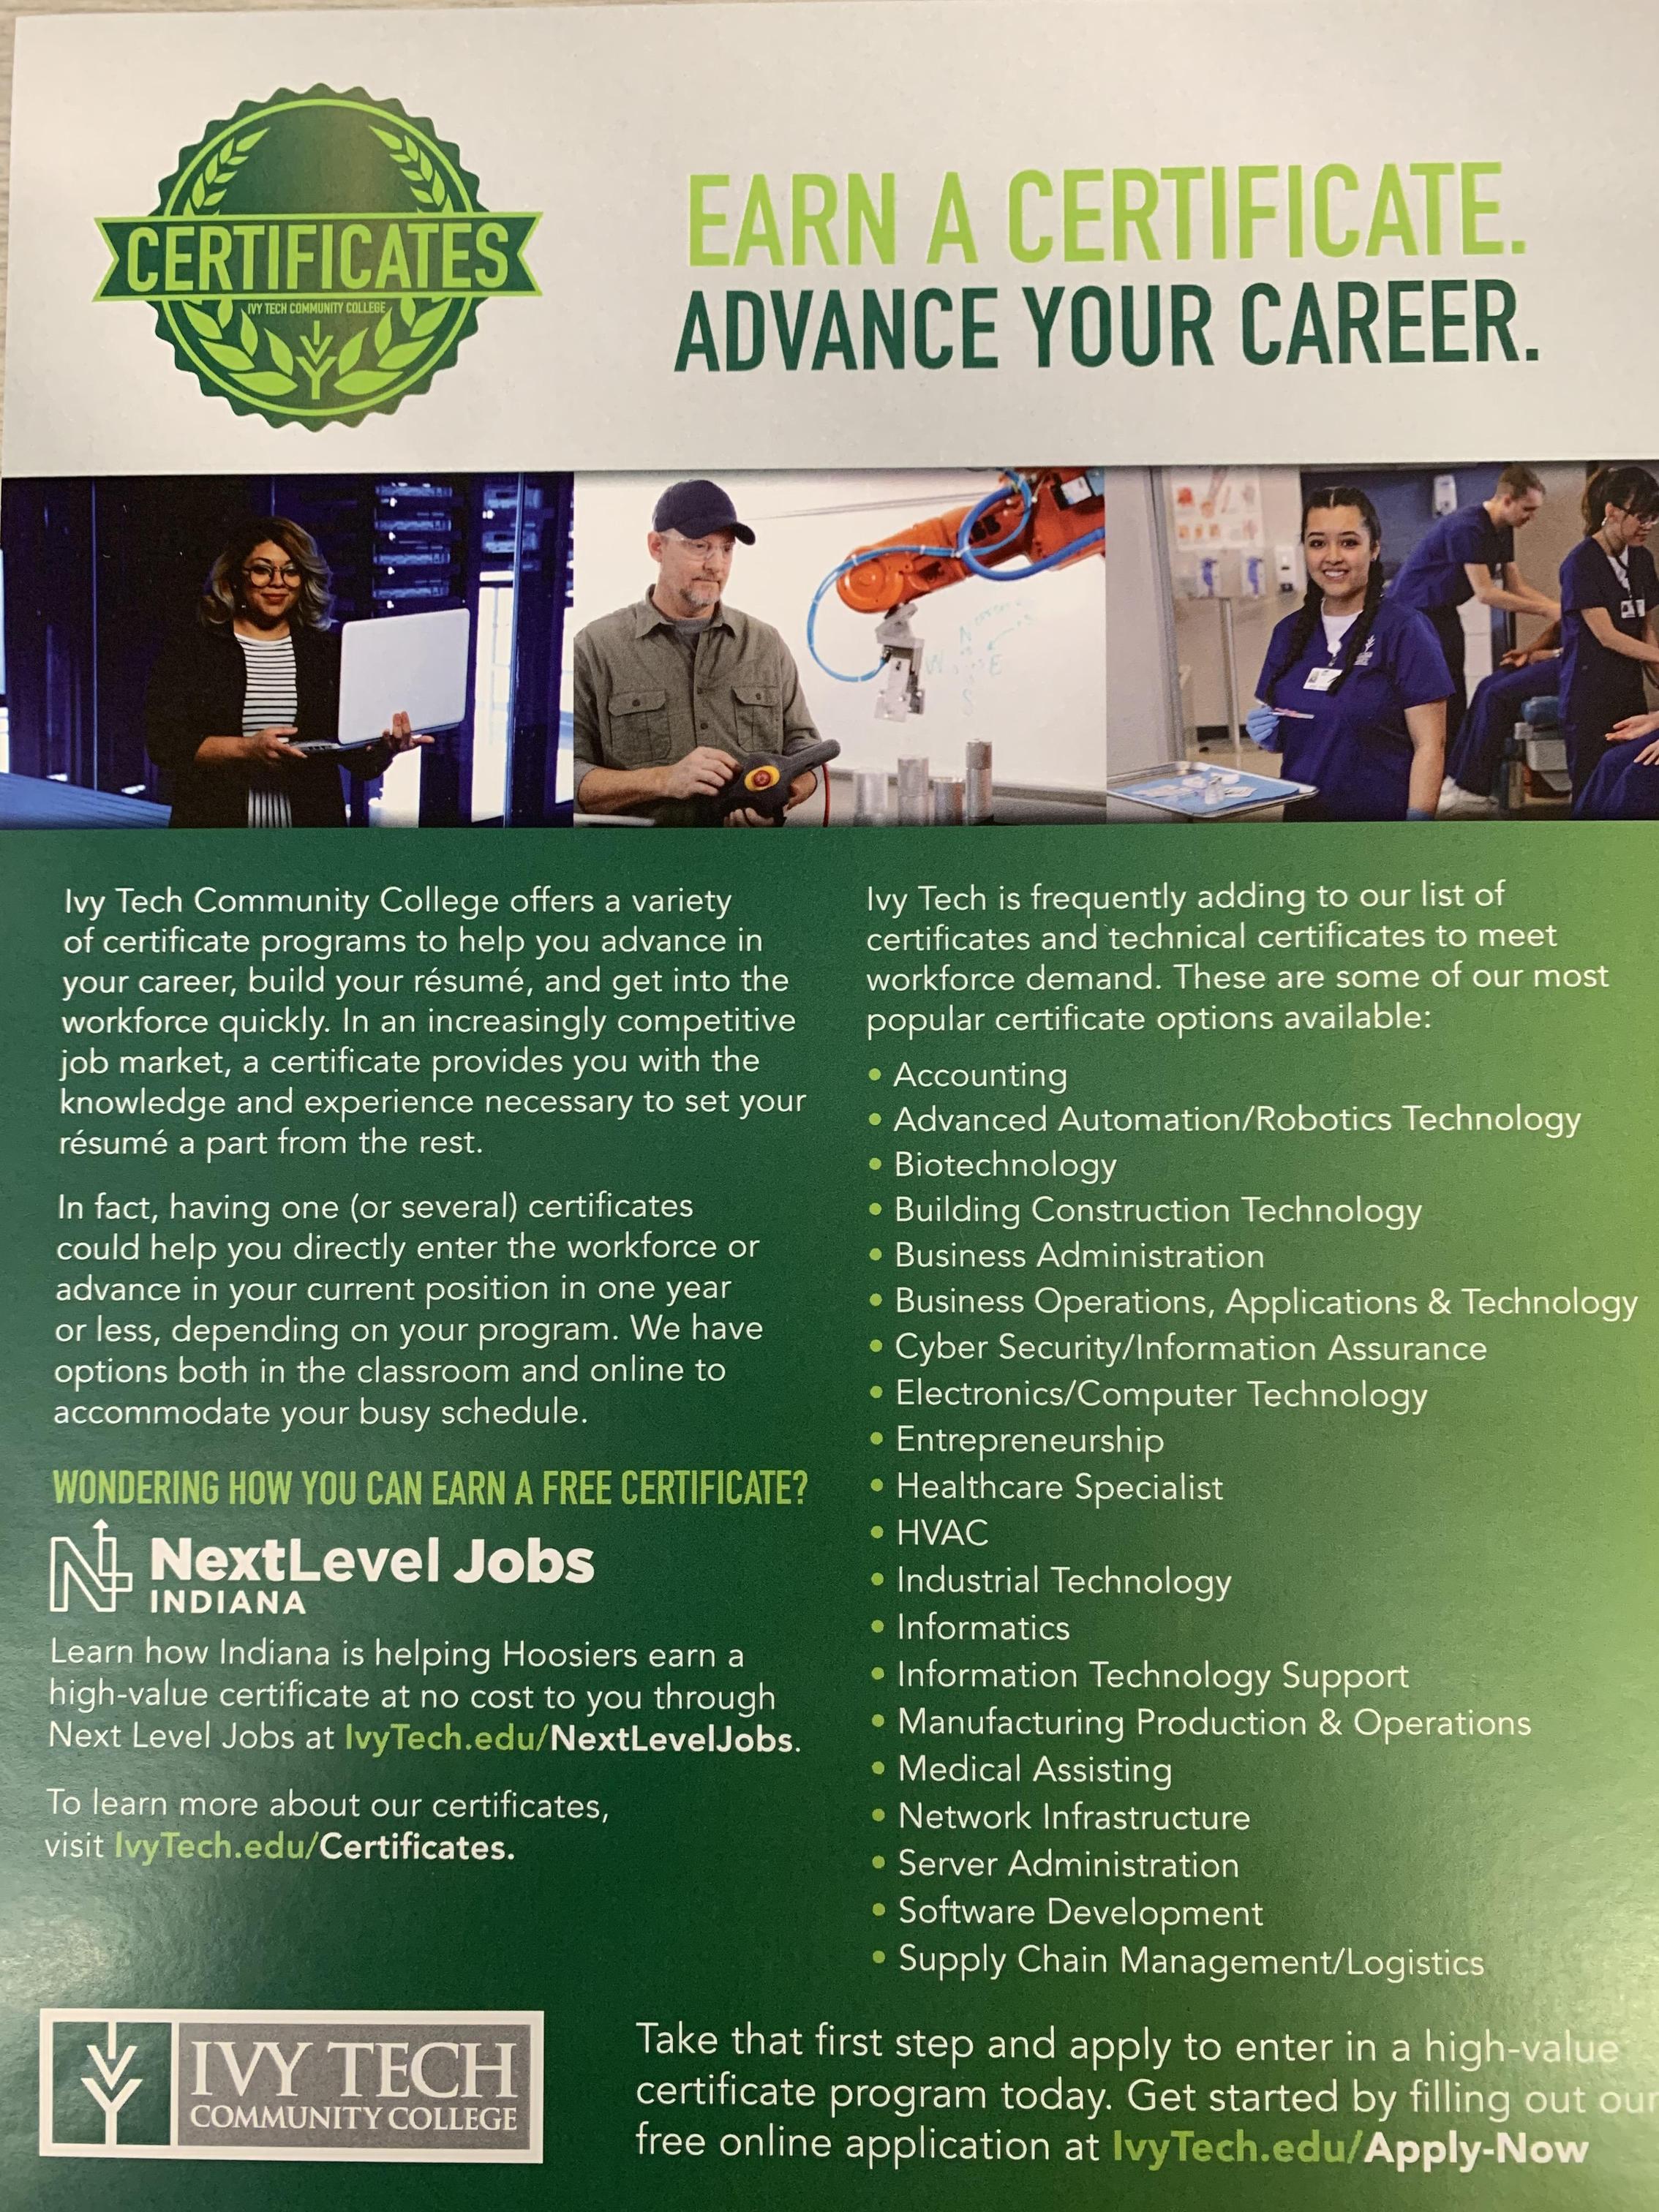 Next Level Jobs